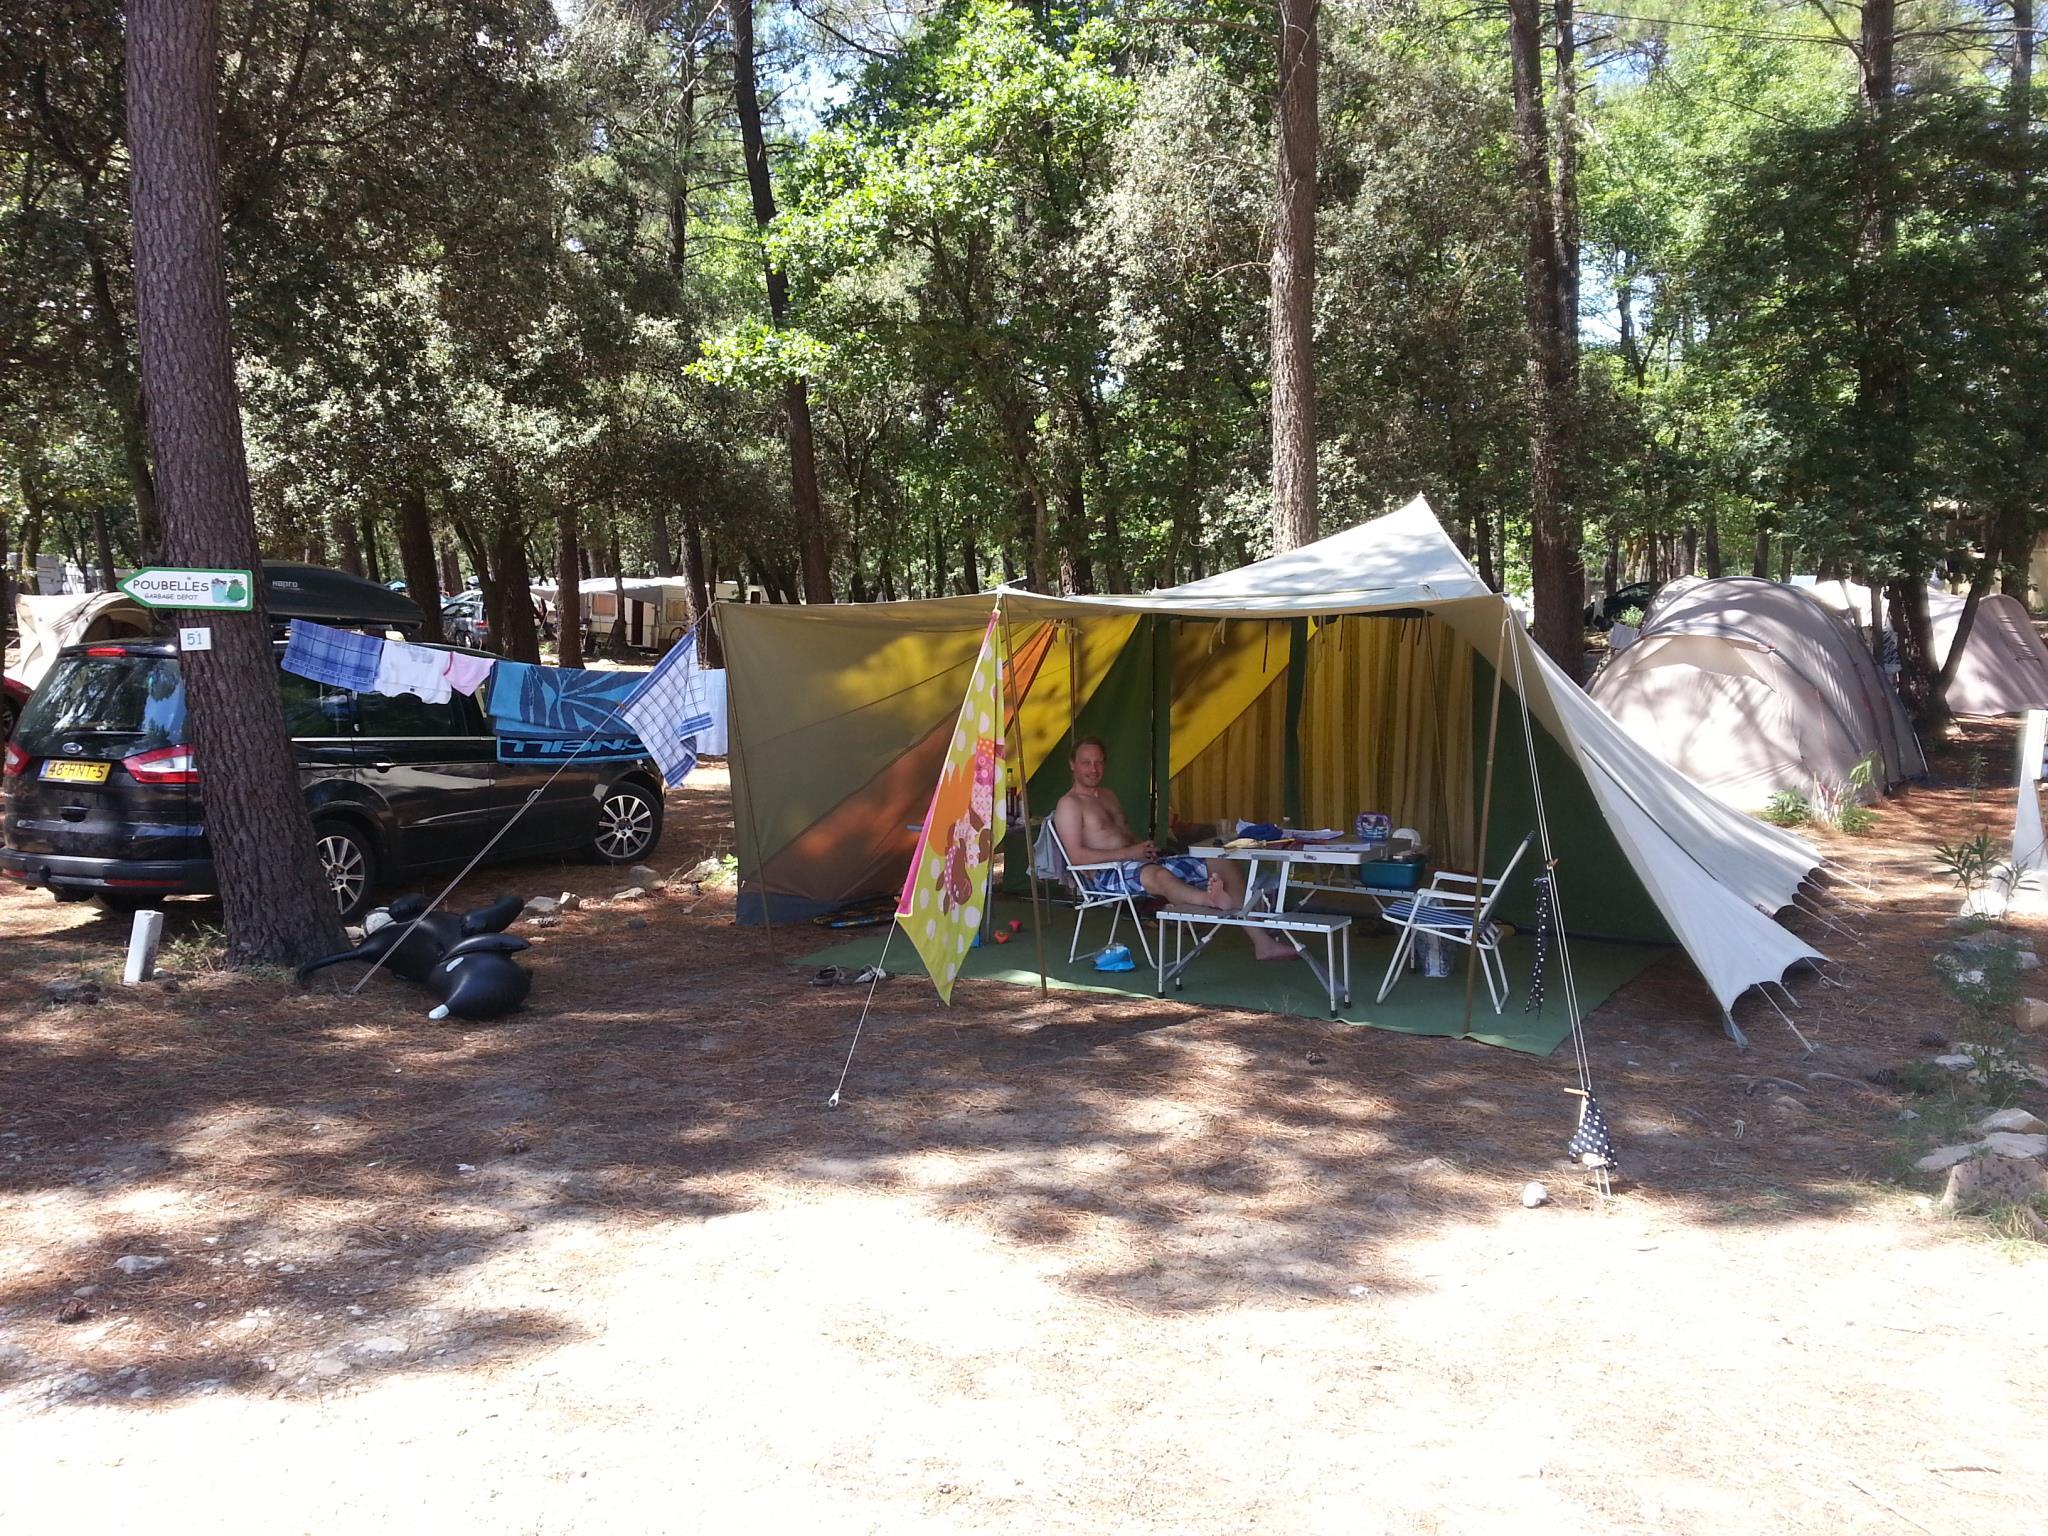 Emplacement - Emplacement (Forfait 2 Personnes + 1 Voiture) Et Électricité Inclus - Camping La Simioune